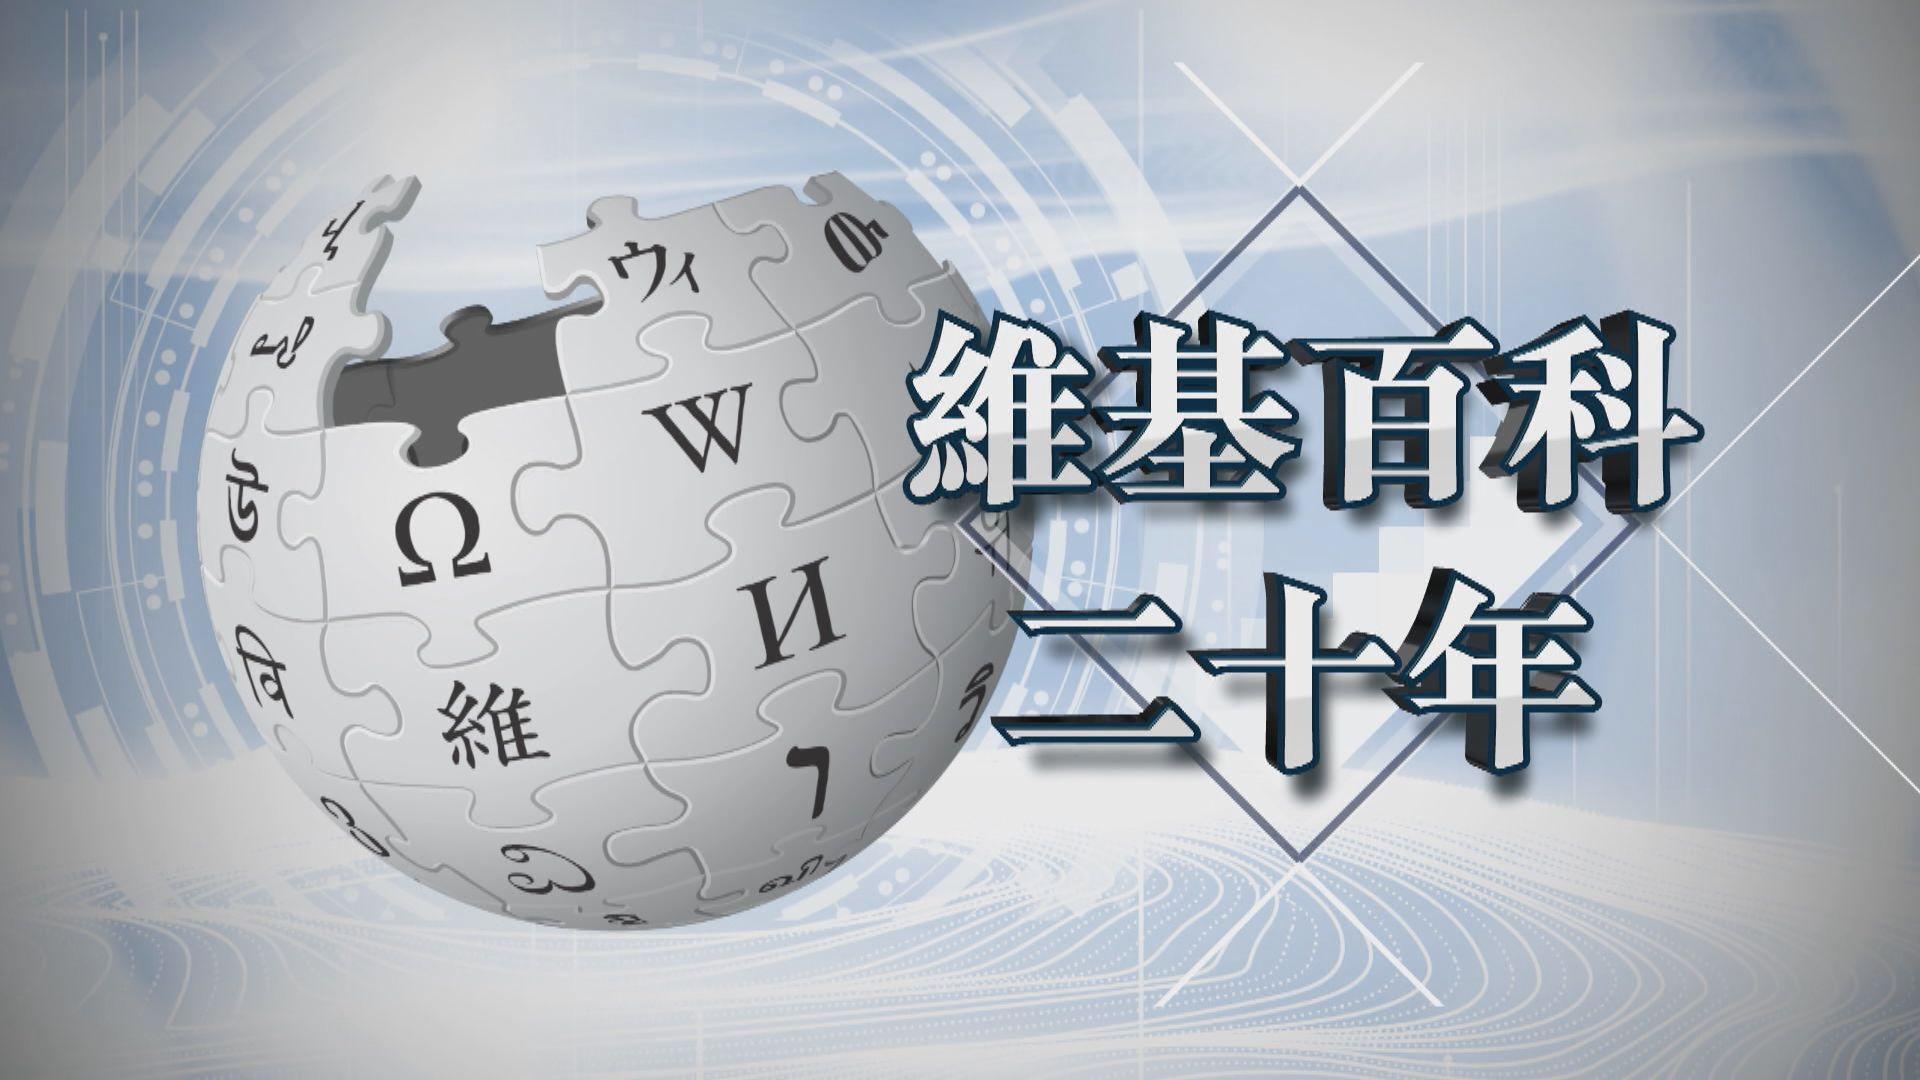 【新聞智庫】維基百科二十年 致力提高可靠度成大眾知識庫